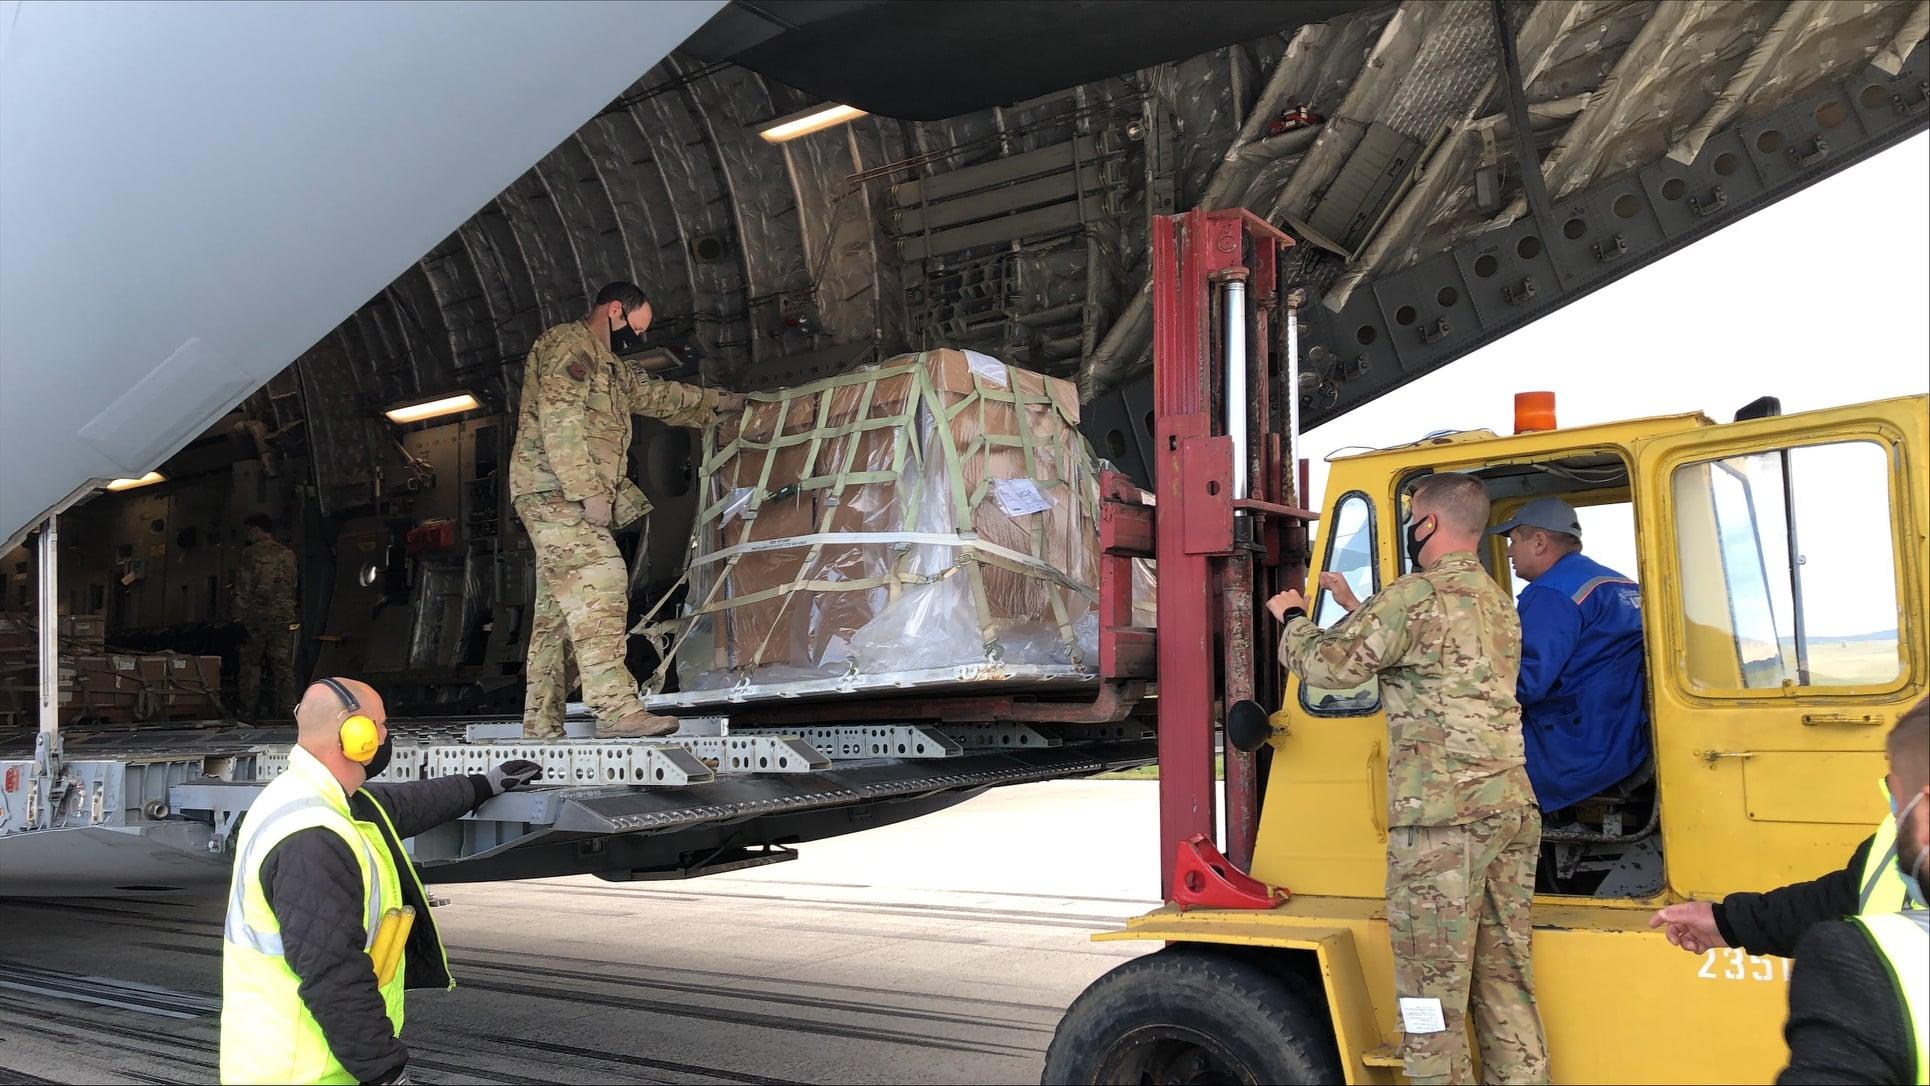 В Кишинев прибыла партия военной техники из США на общую сумму $5млн. Сколько заплатила Молдова